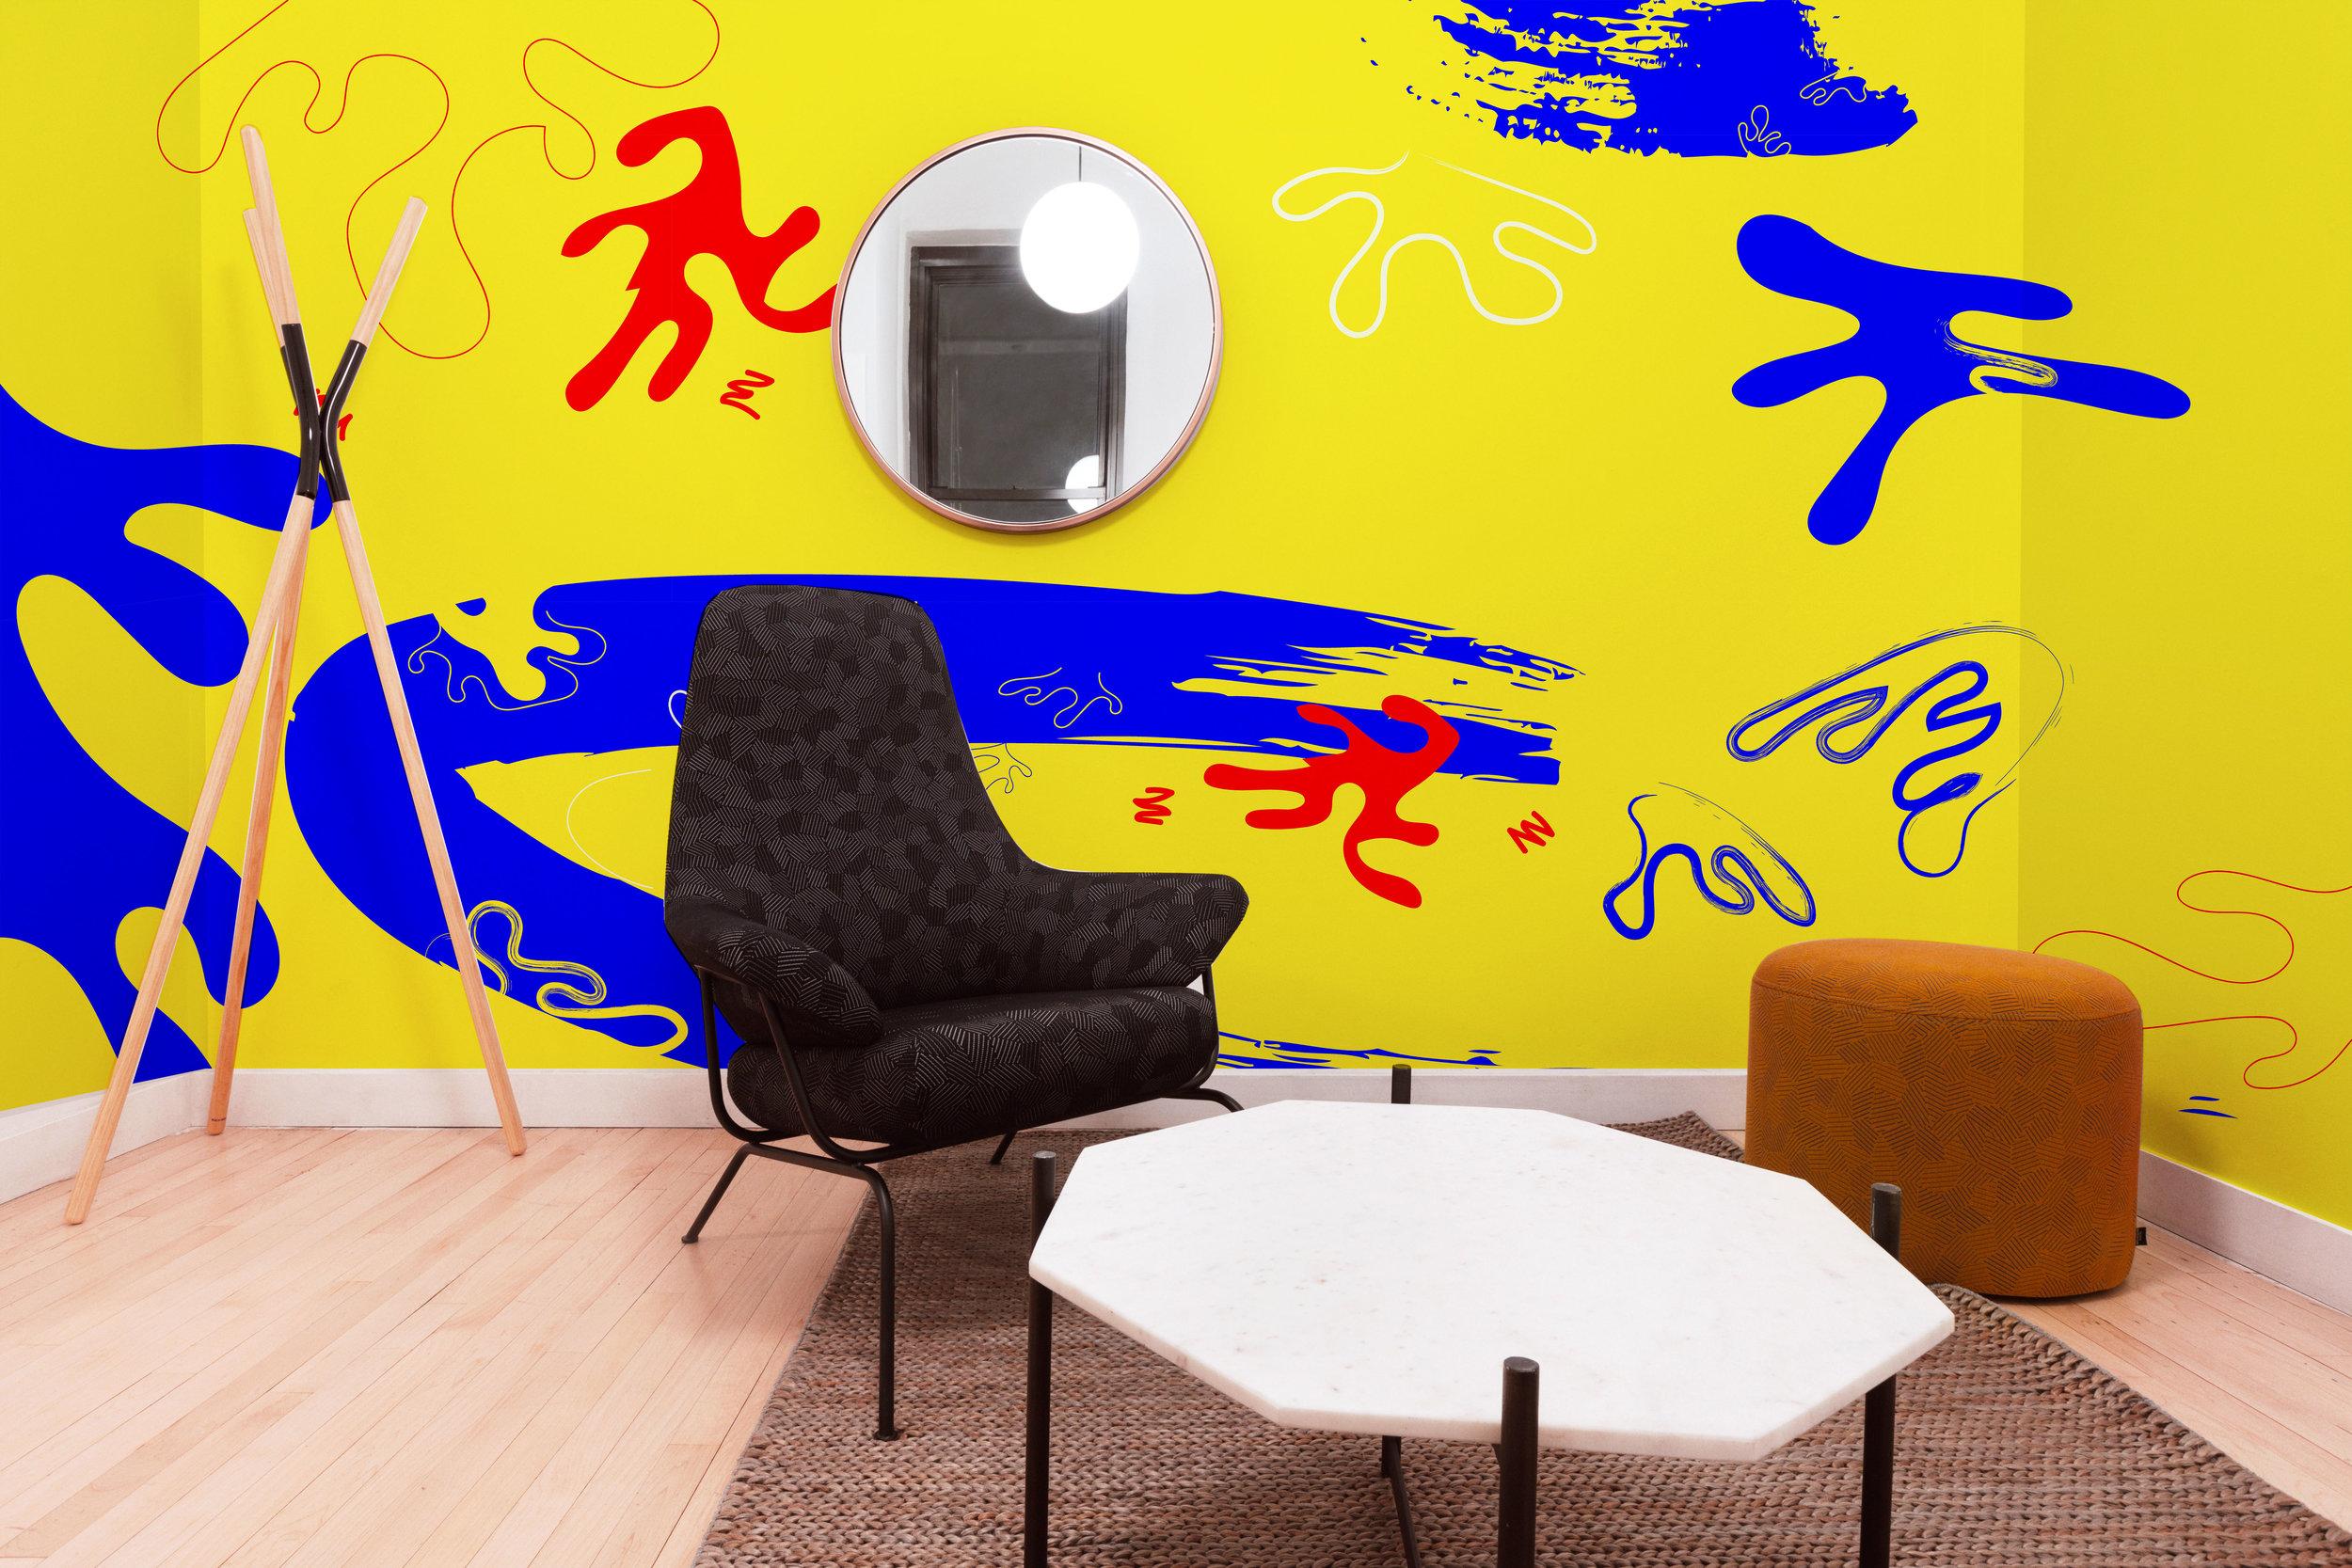 Wallpaper_Mockup (1).jpg